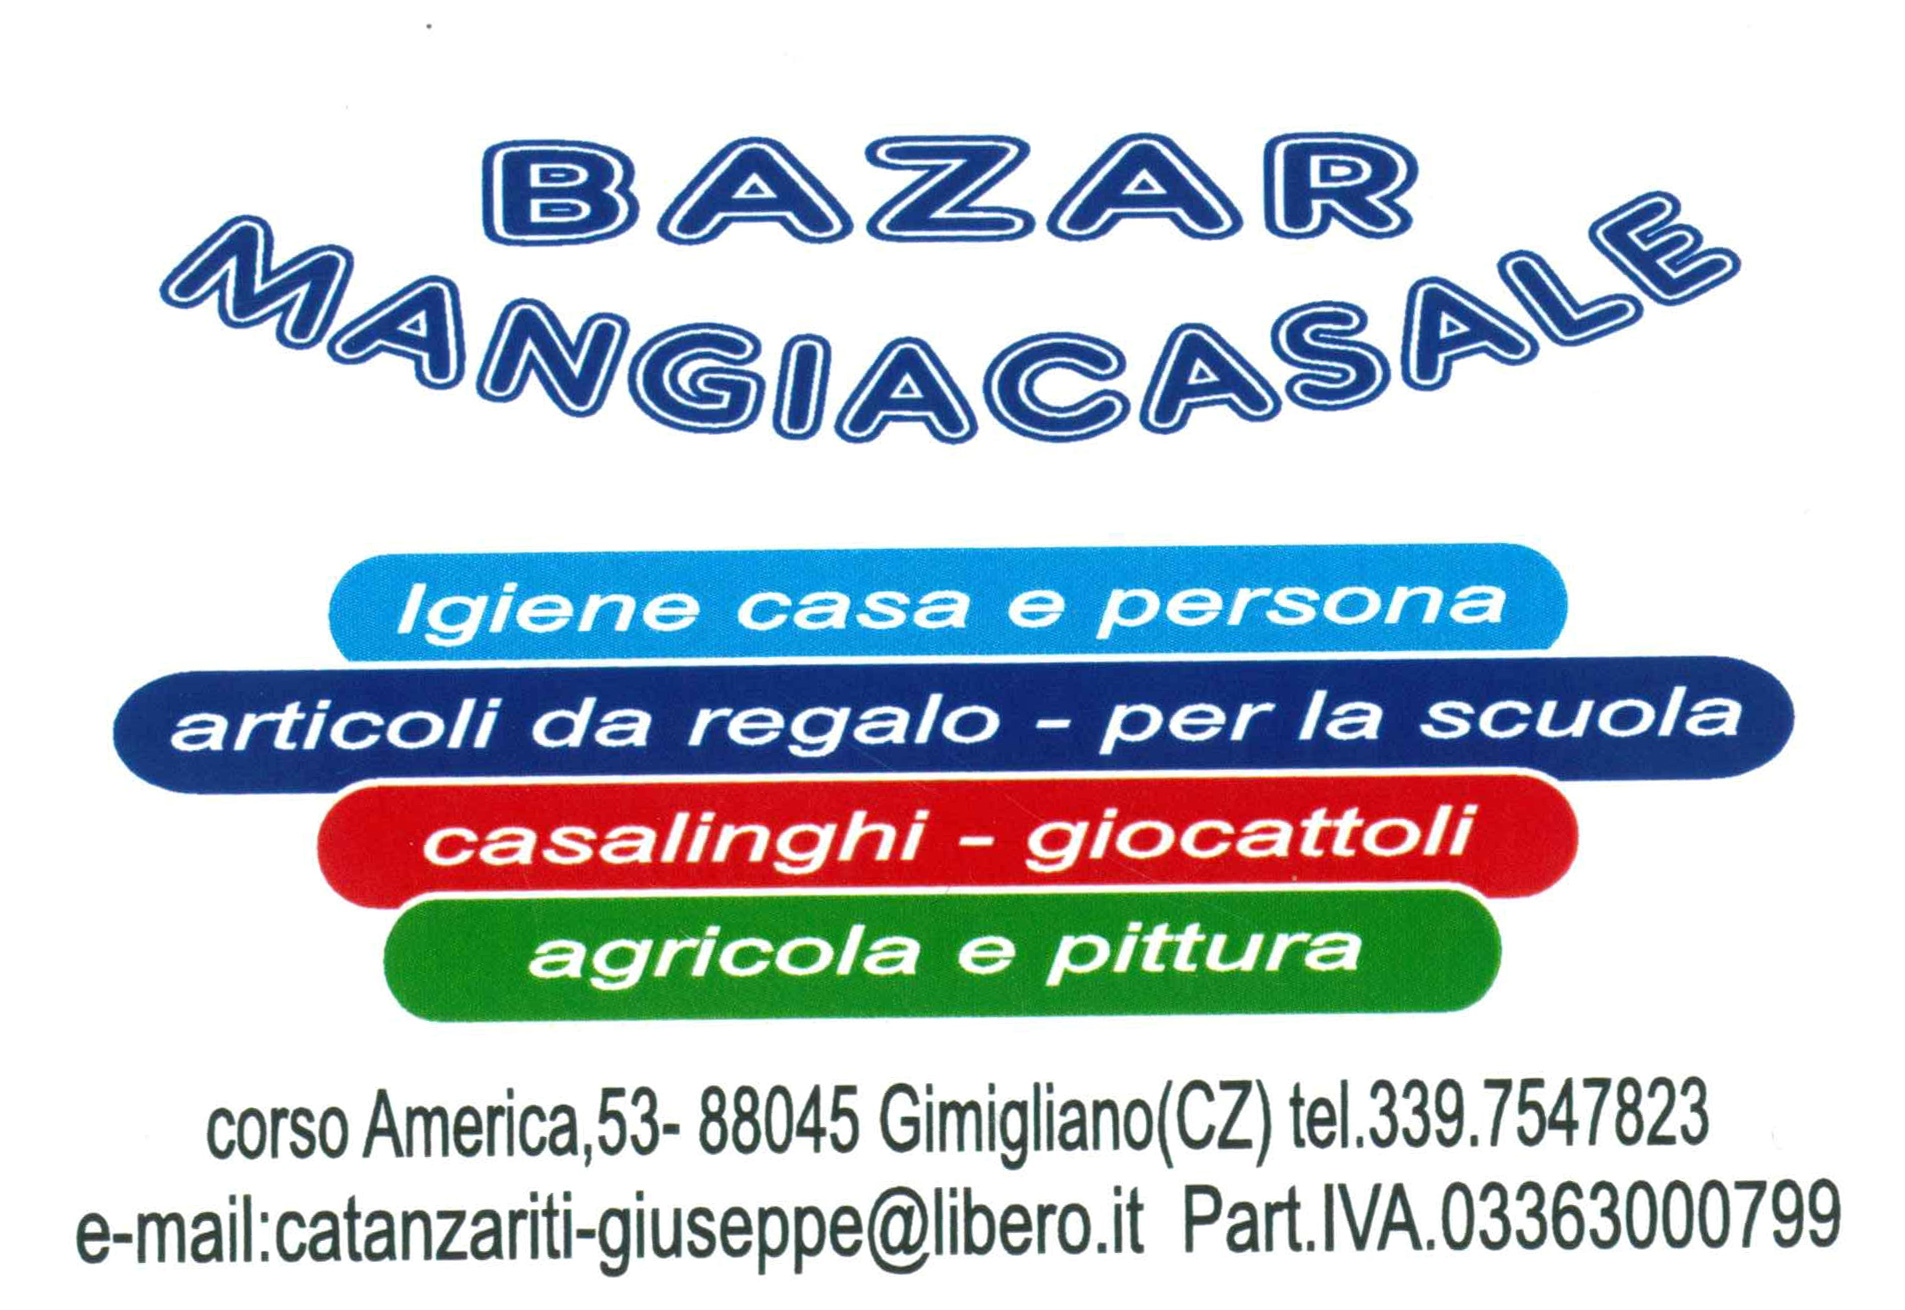 http://iniziativagimigliano.com/domain/wp-content/uploads/2017/07/bazar.jpg